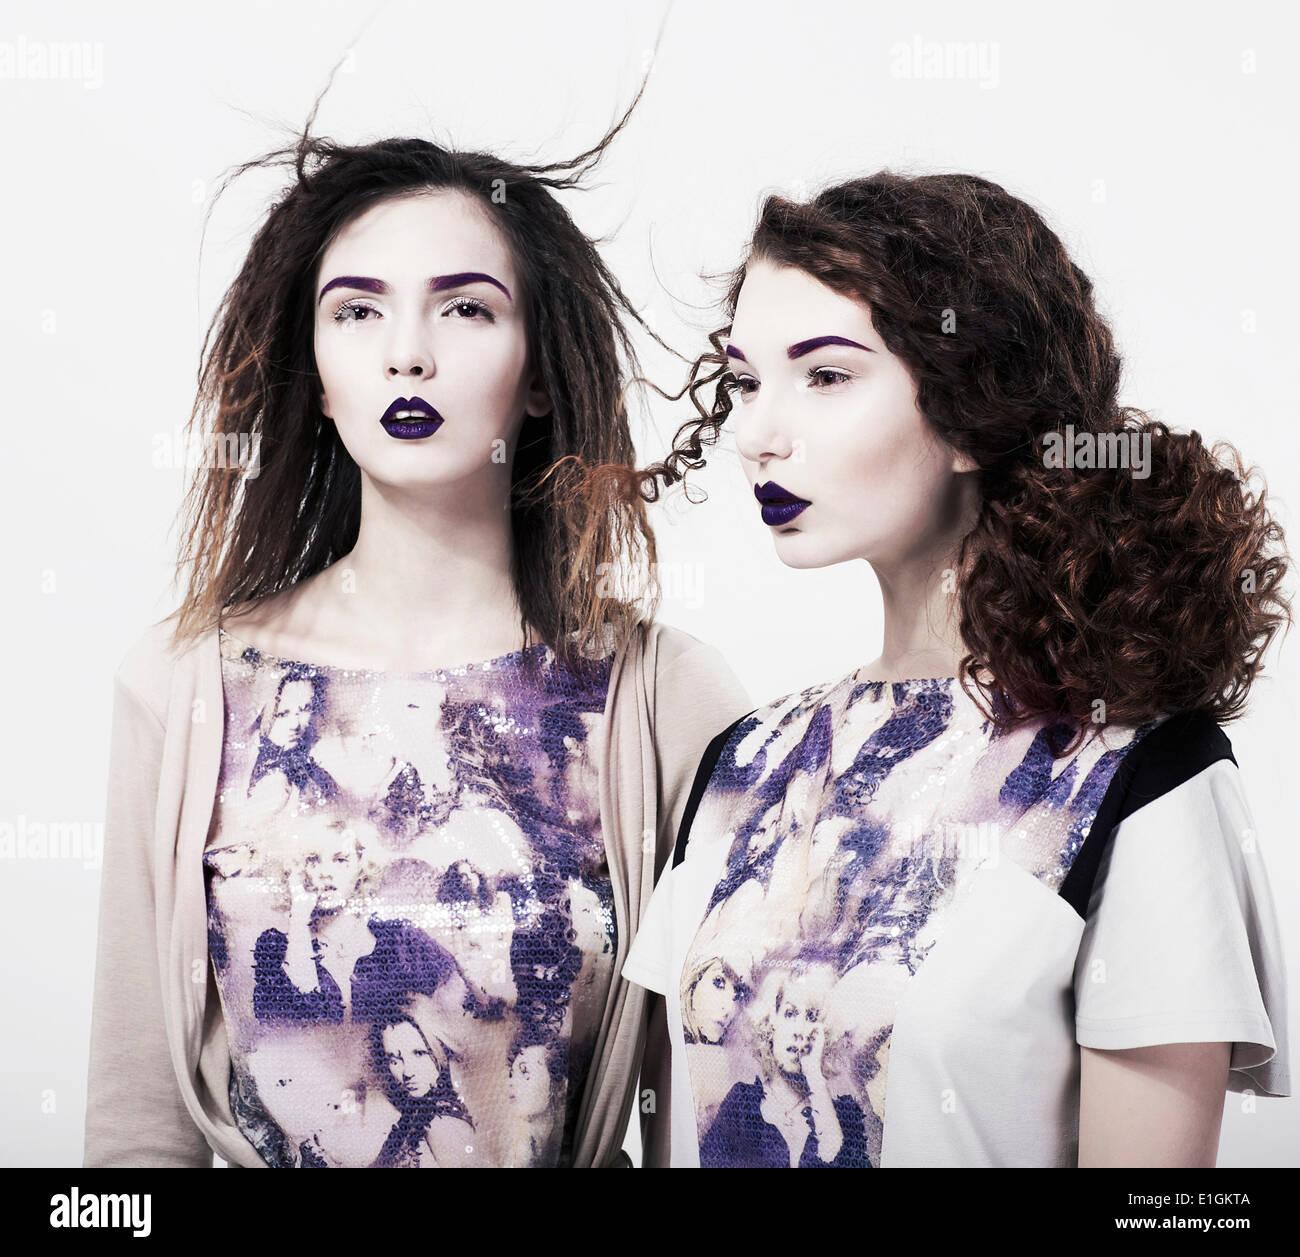 De l'individualité. Emo. Les femmes modernes glamour. Maquillage de couleurs vives à la mode Photo Stock